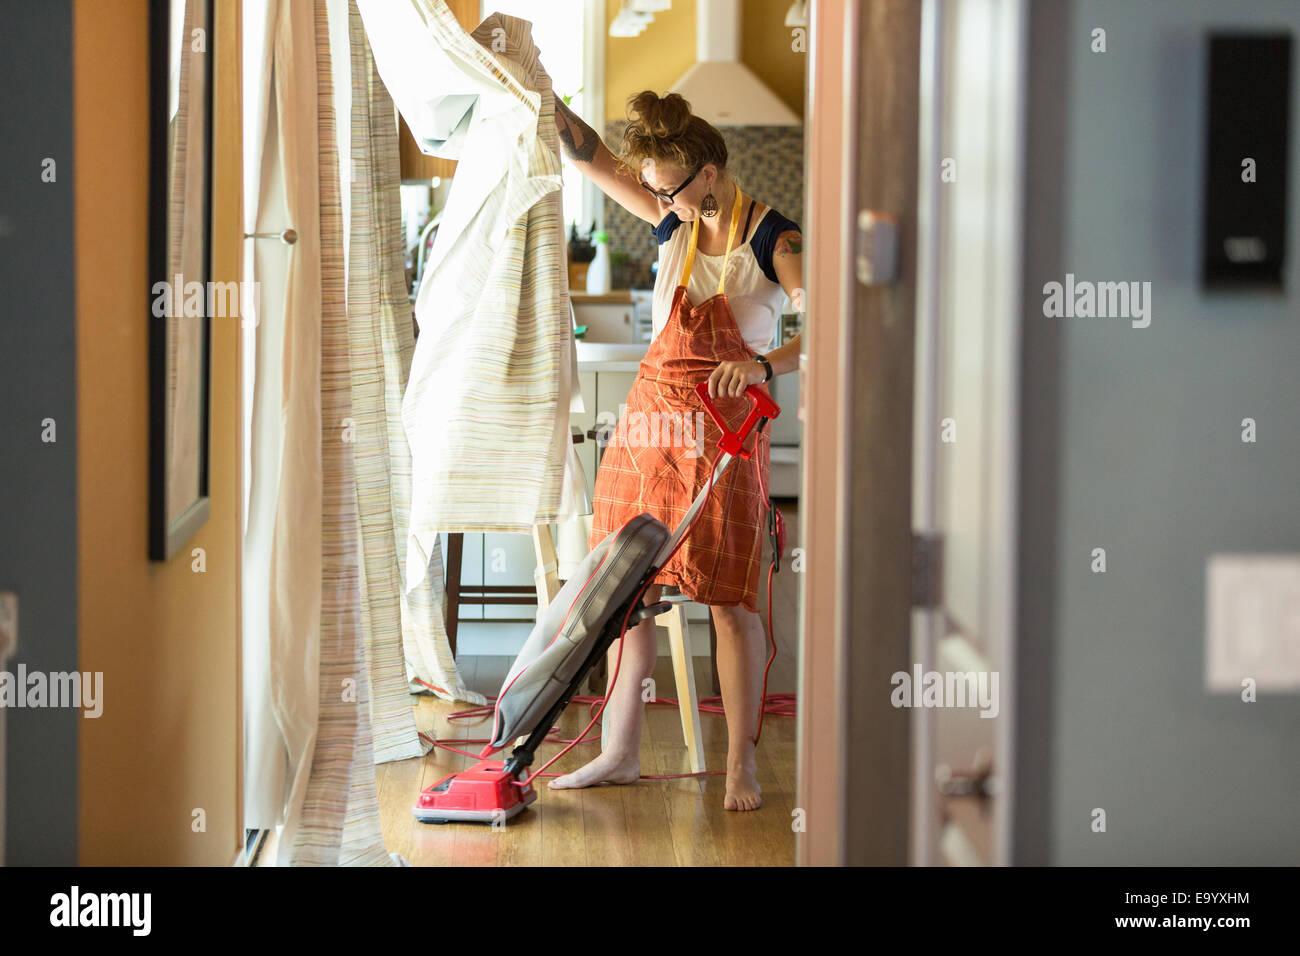 Giovane donna di aspirare con verde di prodotti per la pulizia Immagini Stock